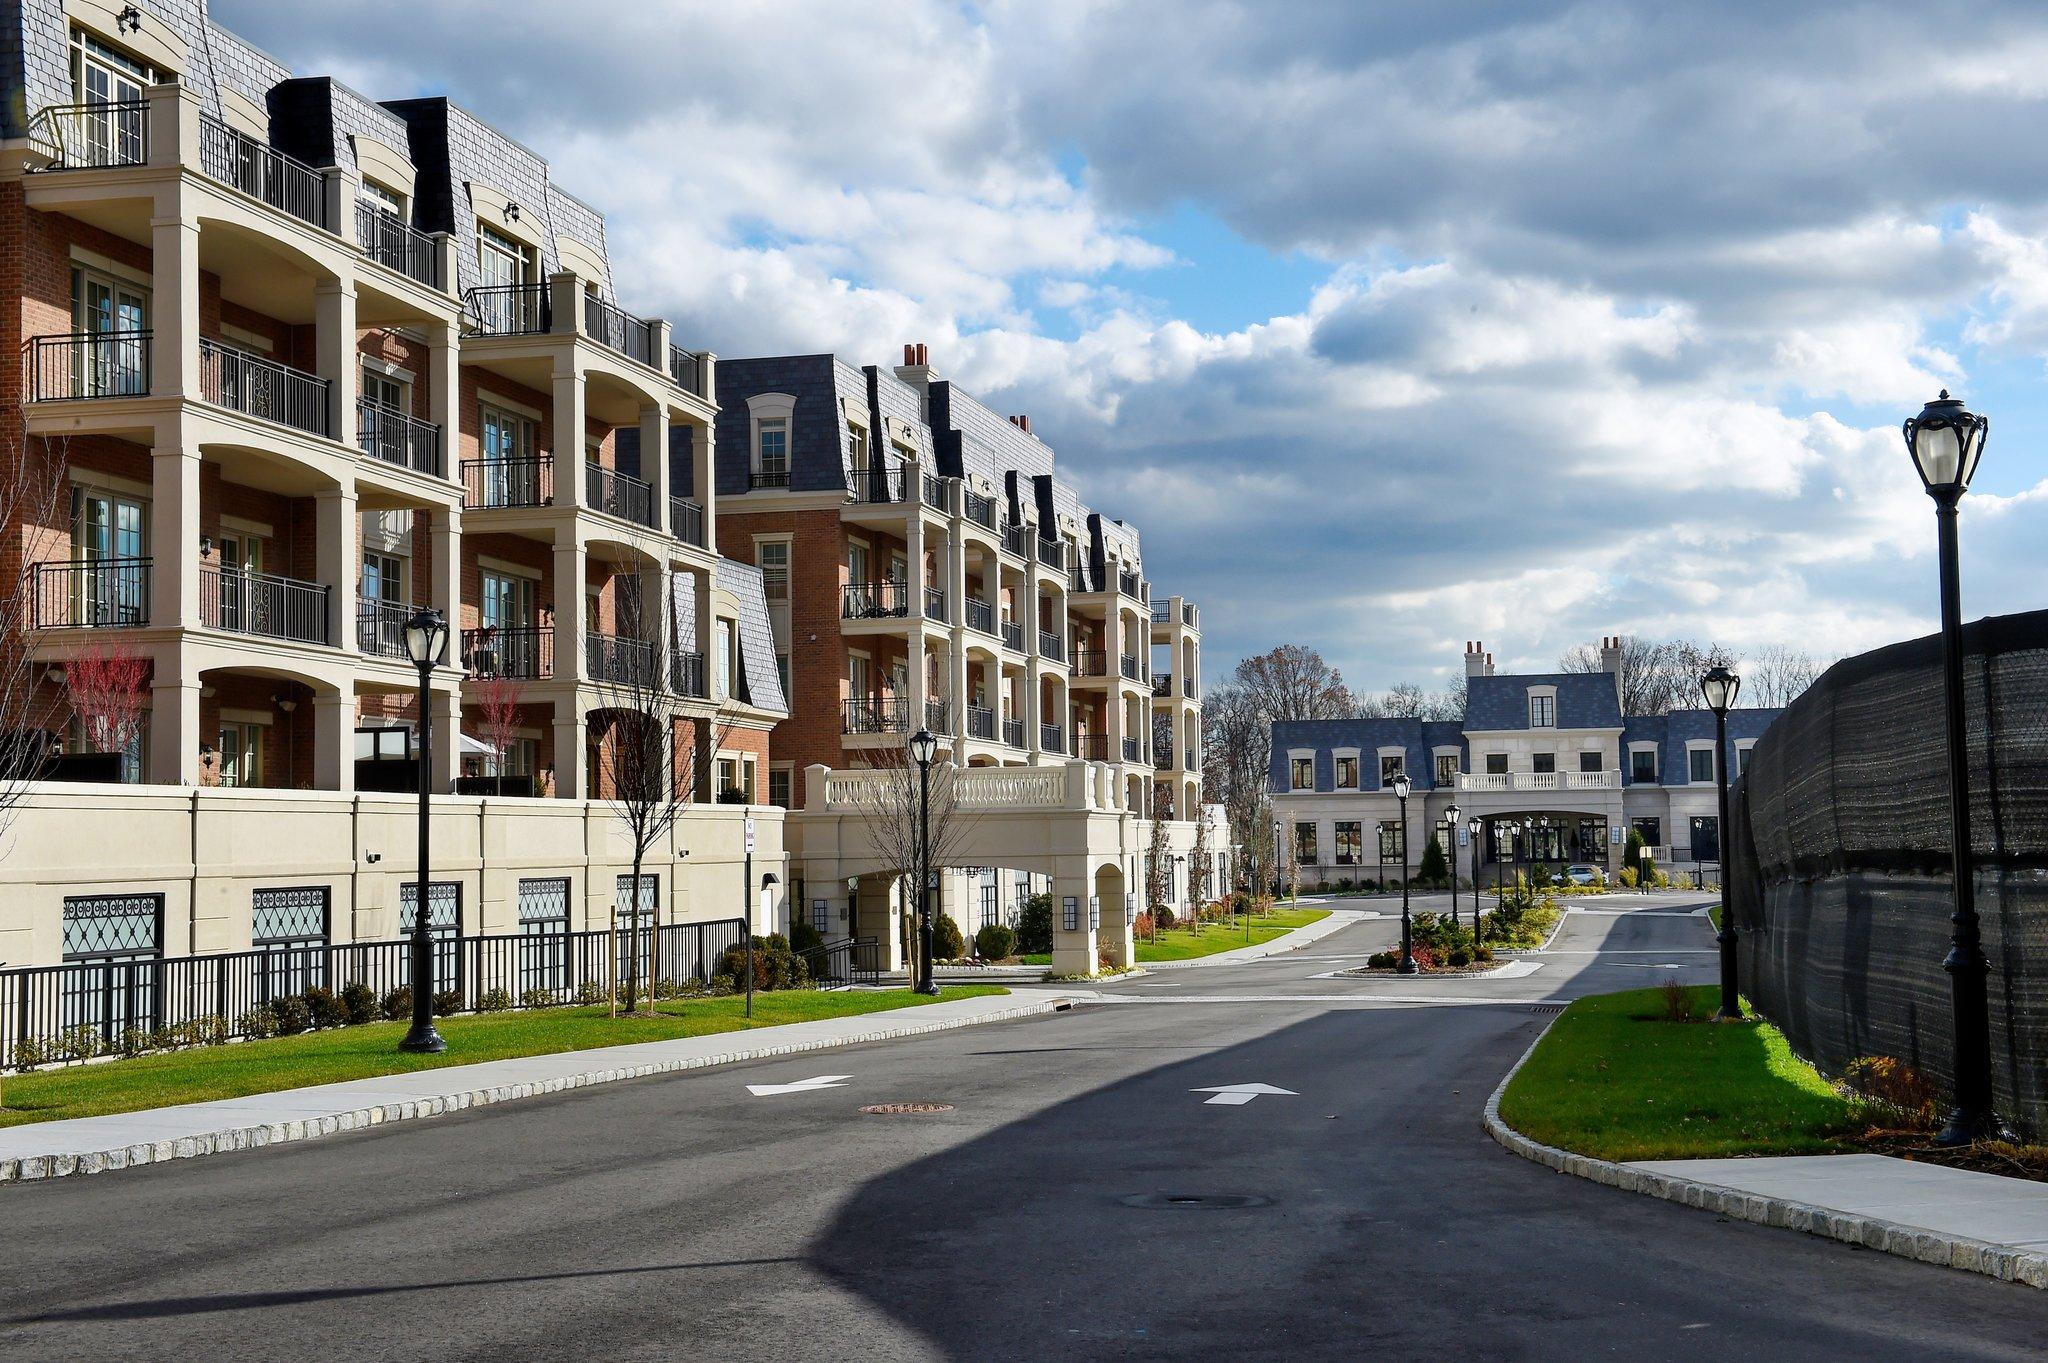 The New Suburbia: More Urban, via @BetterBurbhttp://ow.ly/6xVu307c3qM : https://t.co/8x7NZ8dCor